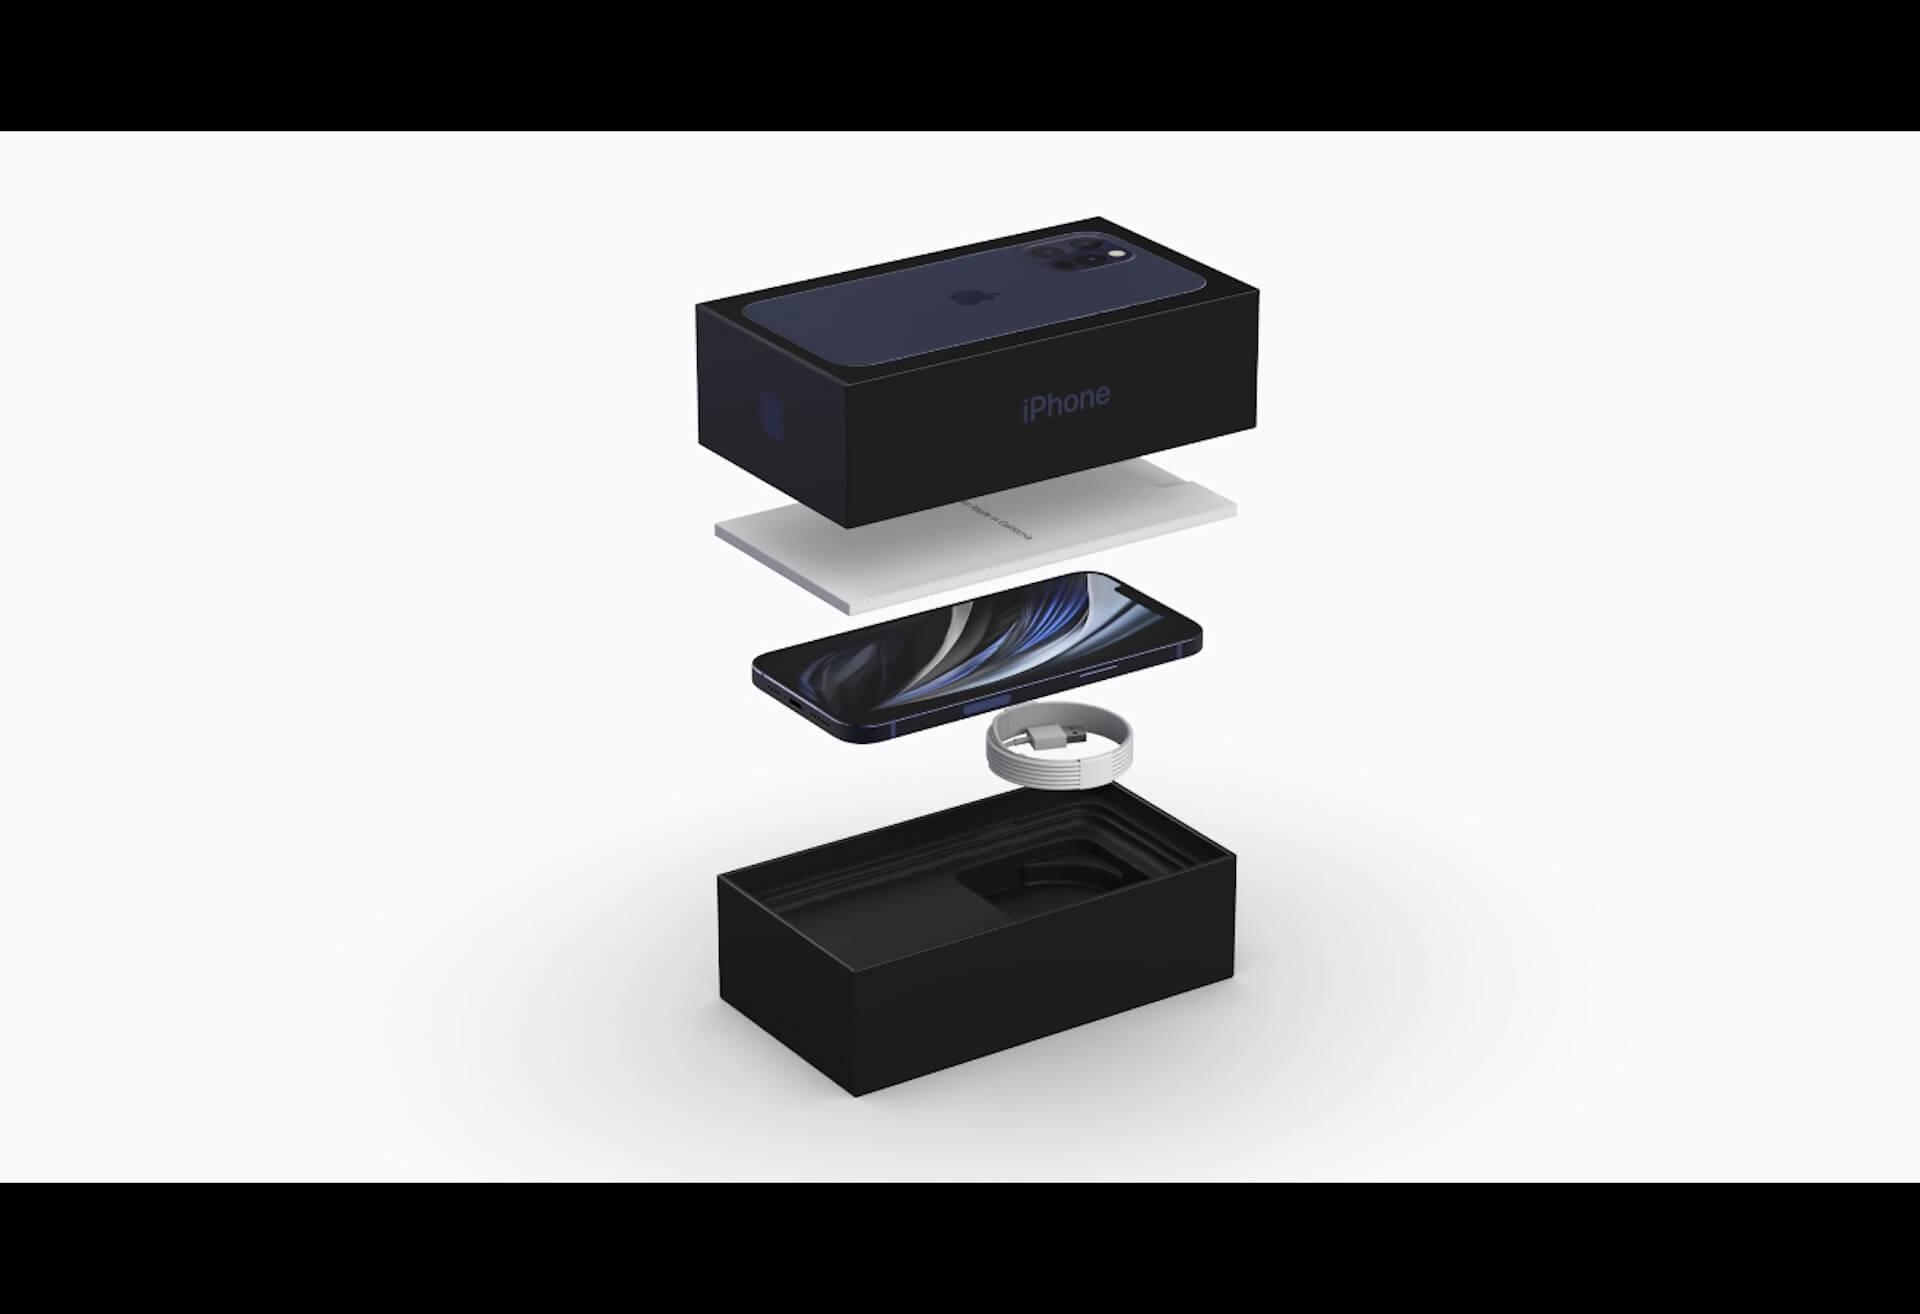 電源アダプタとEarPodsが同梱されないとうわさのiPhone 12、パッケージ内部のコンセプトイメージが公開 tech200708_iphone12_main